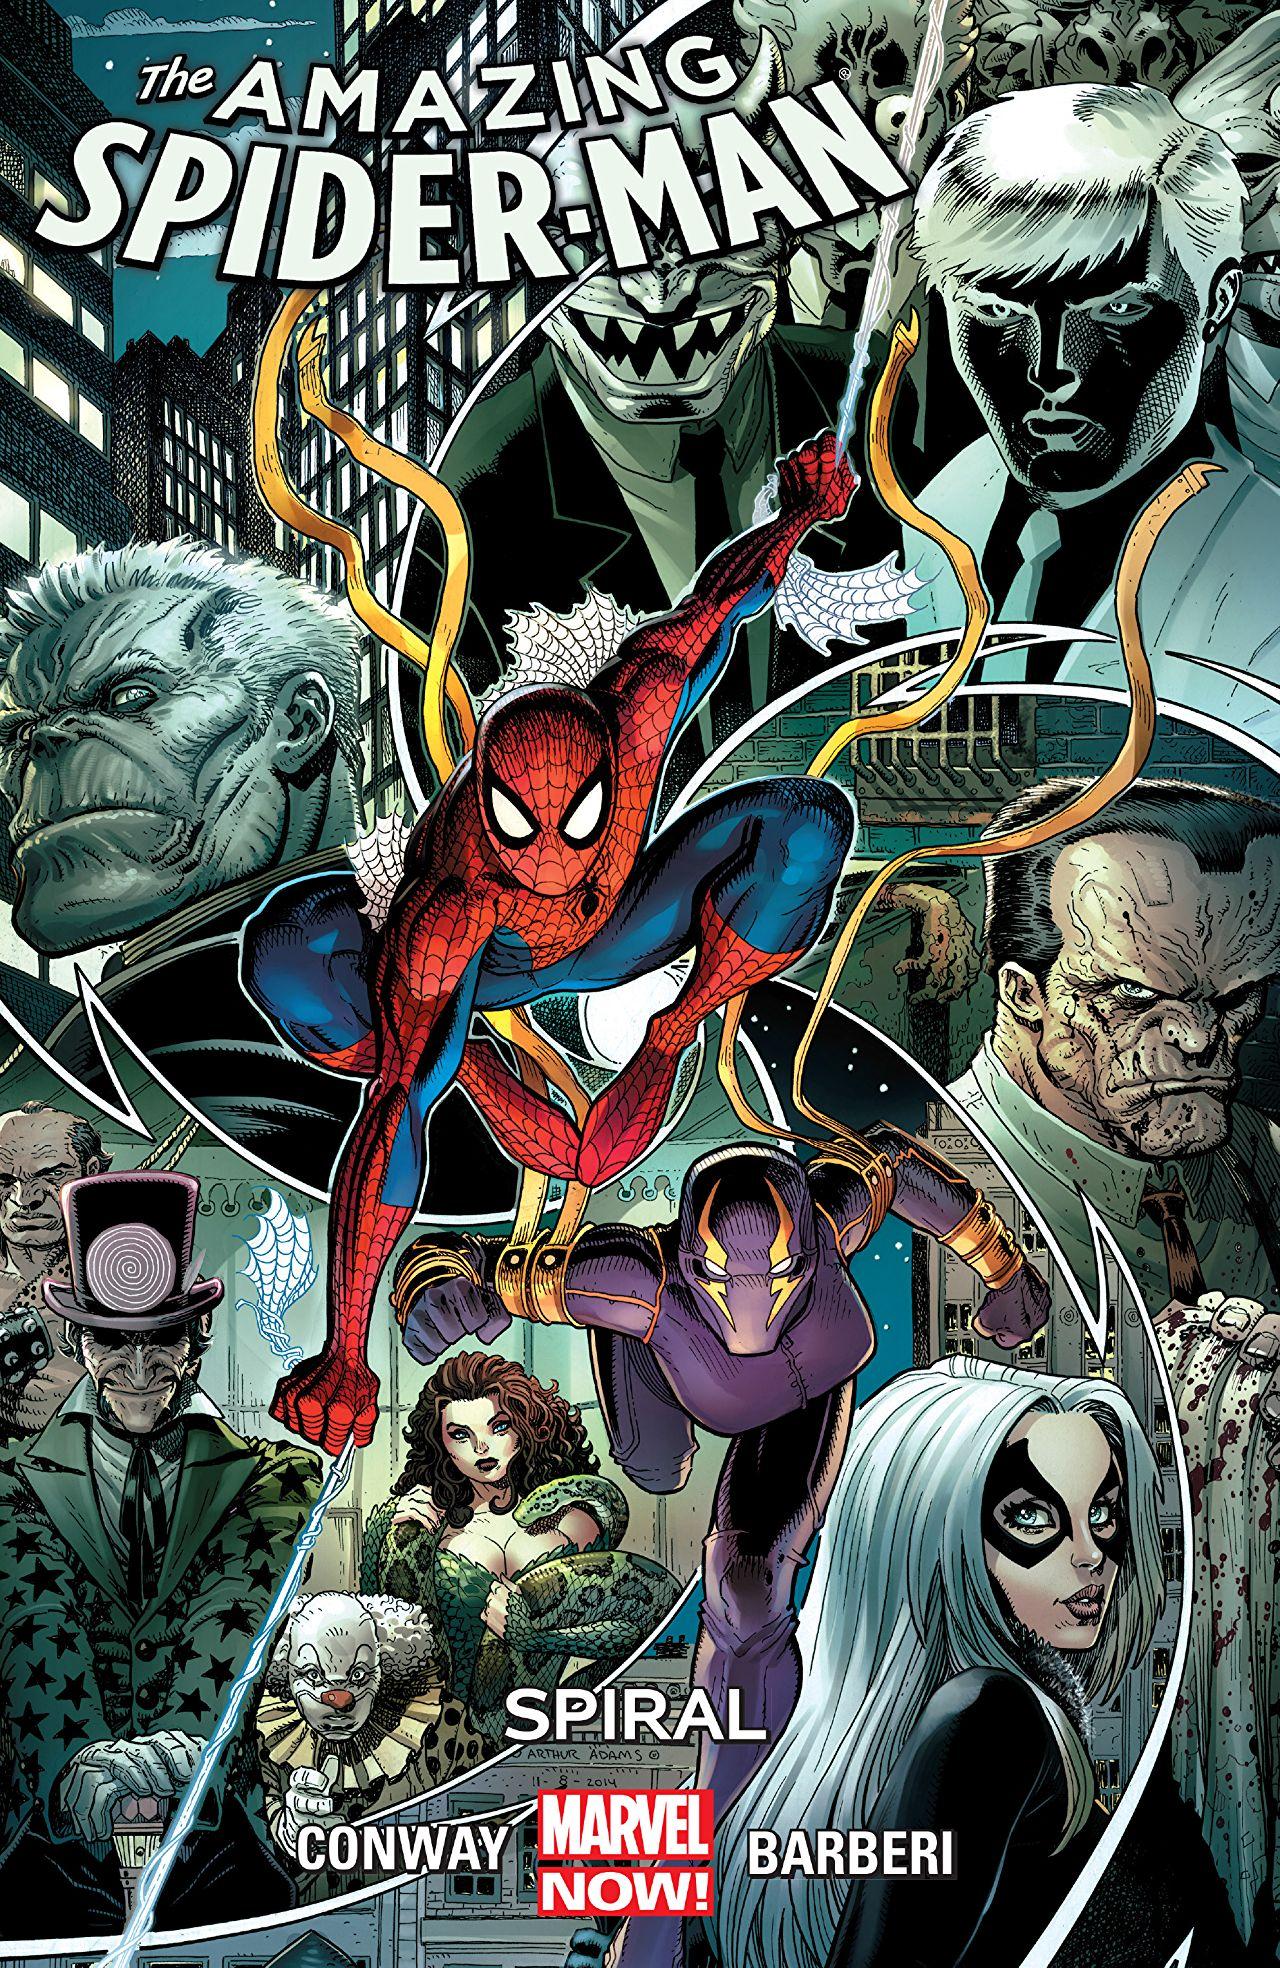 Amazing Spider-Man TPB Vol 2 5: Spiral